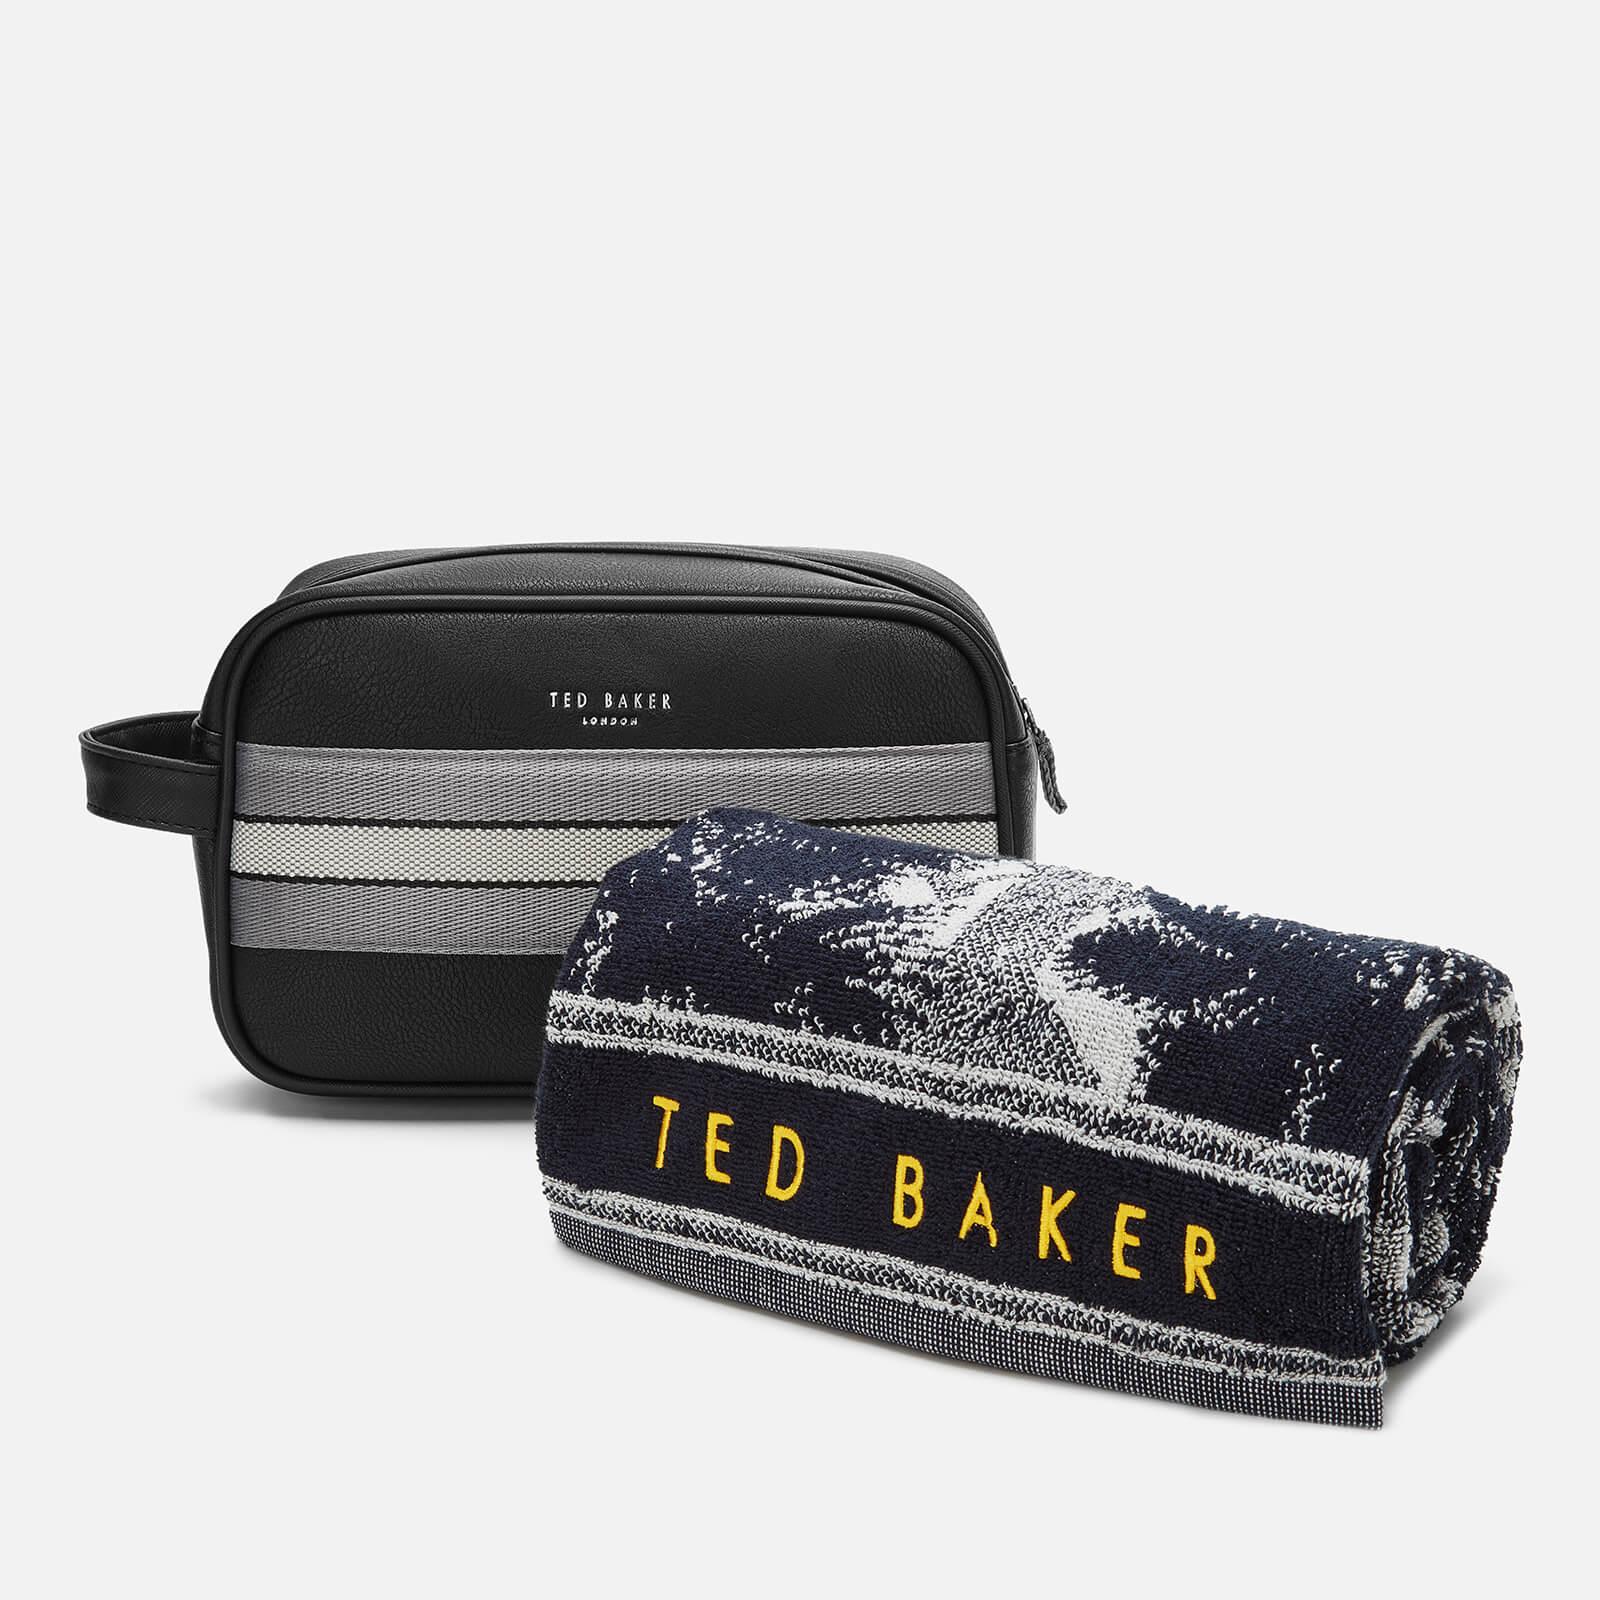 Ted Baker Men's Endset Washbag and Towel Gift Set Black